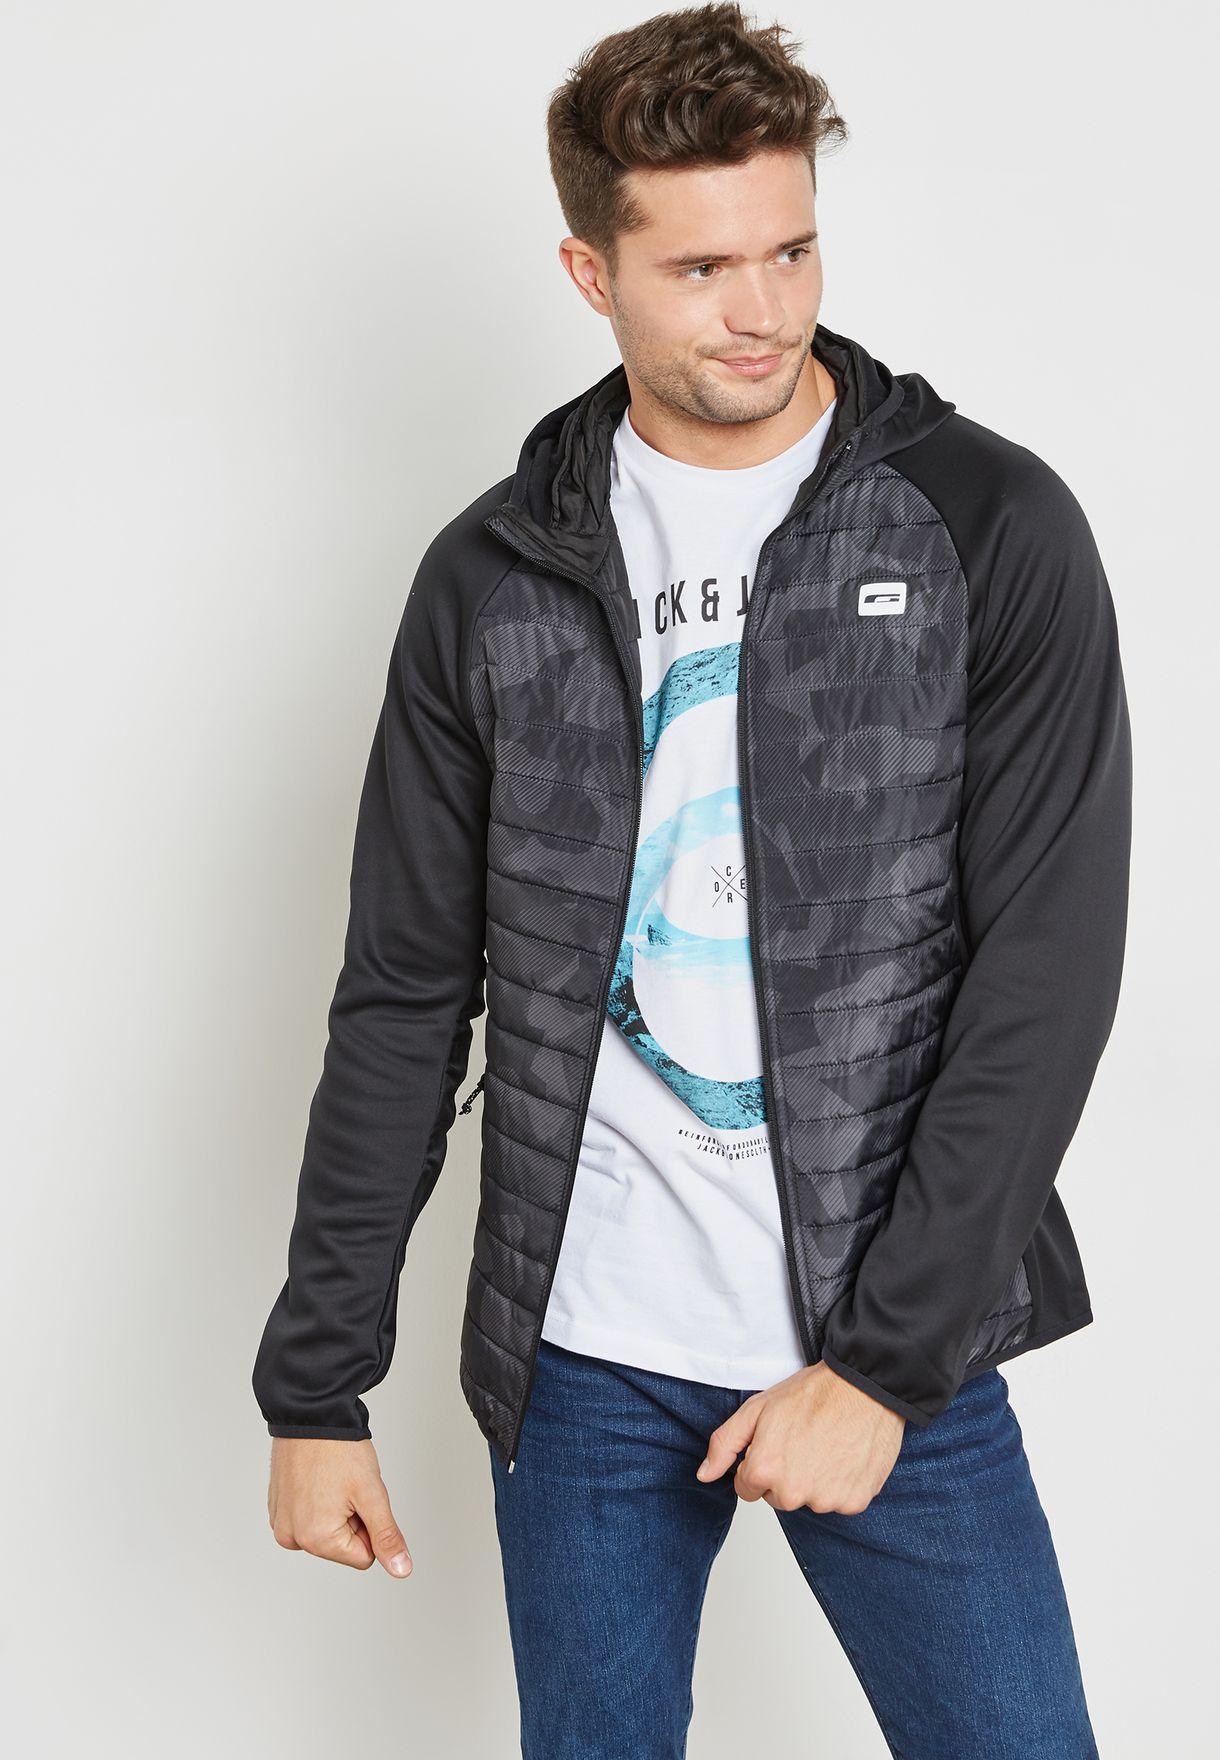 Camo Print Hoodied Jacket